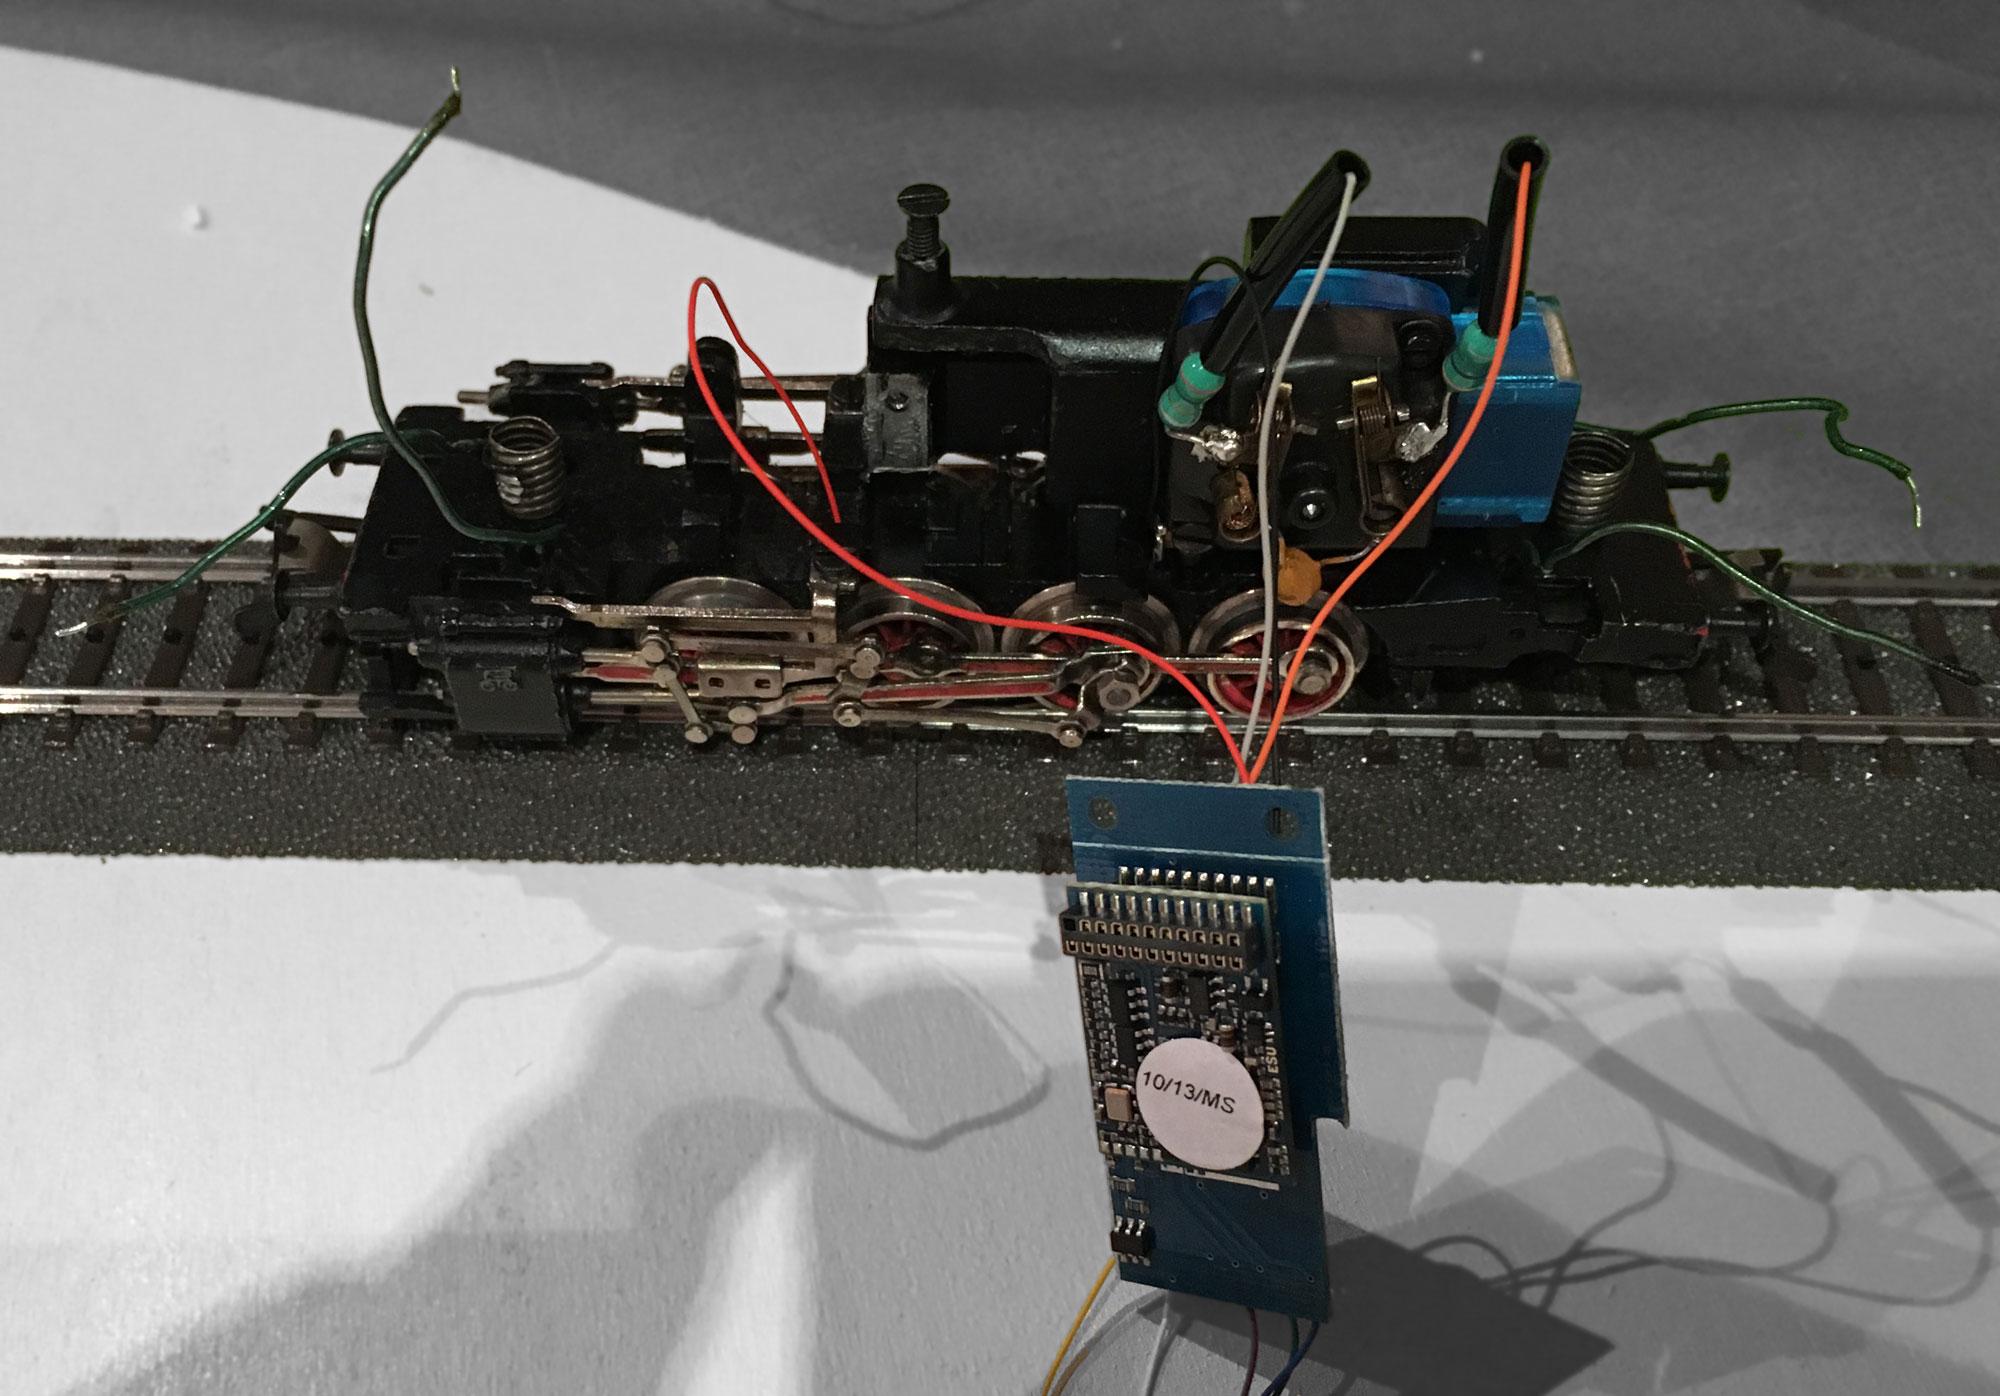 Modèle réduit de locomotive en cours de transformation